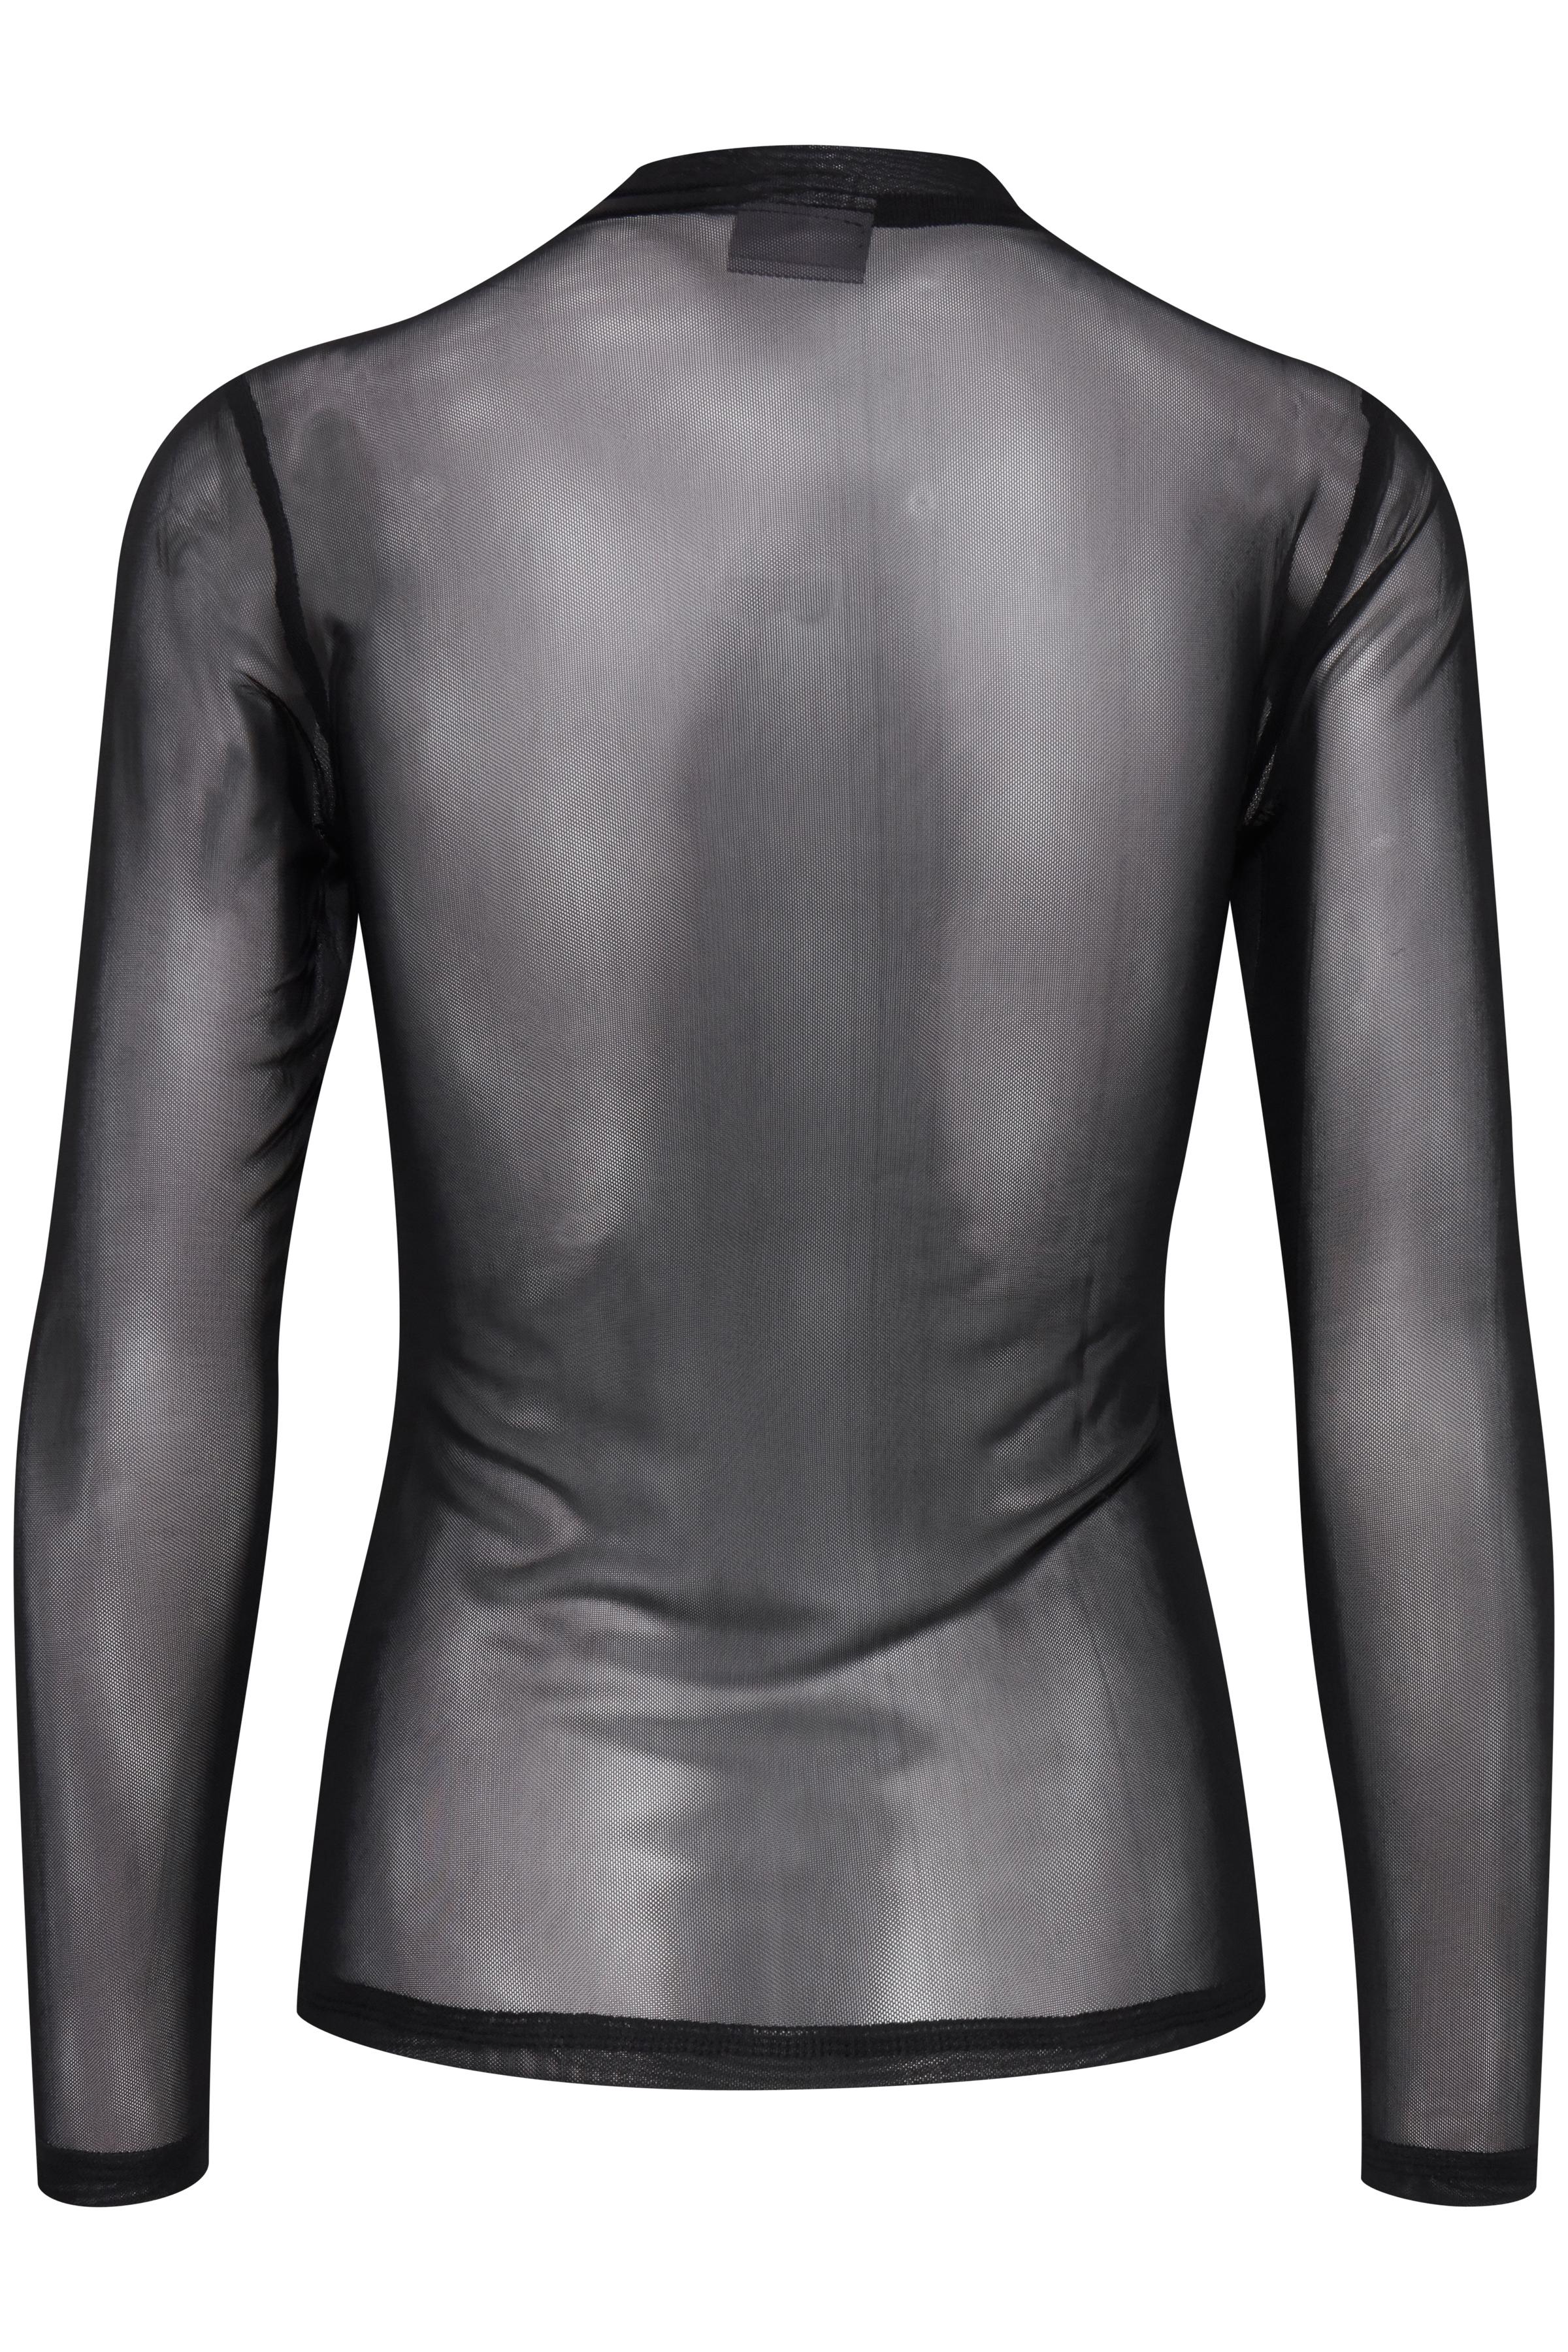 Black Langarm-Bluse von b.young – Kaufen Sie Black Langarm-Bluse aus Größe S-XL hier